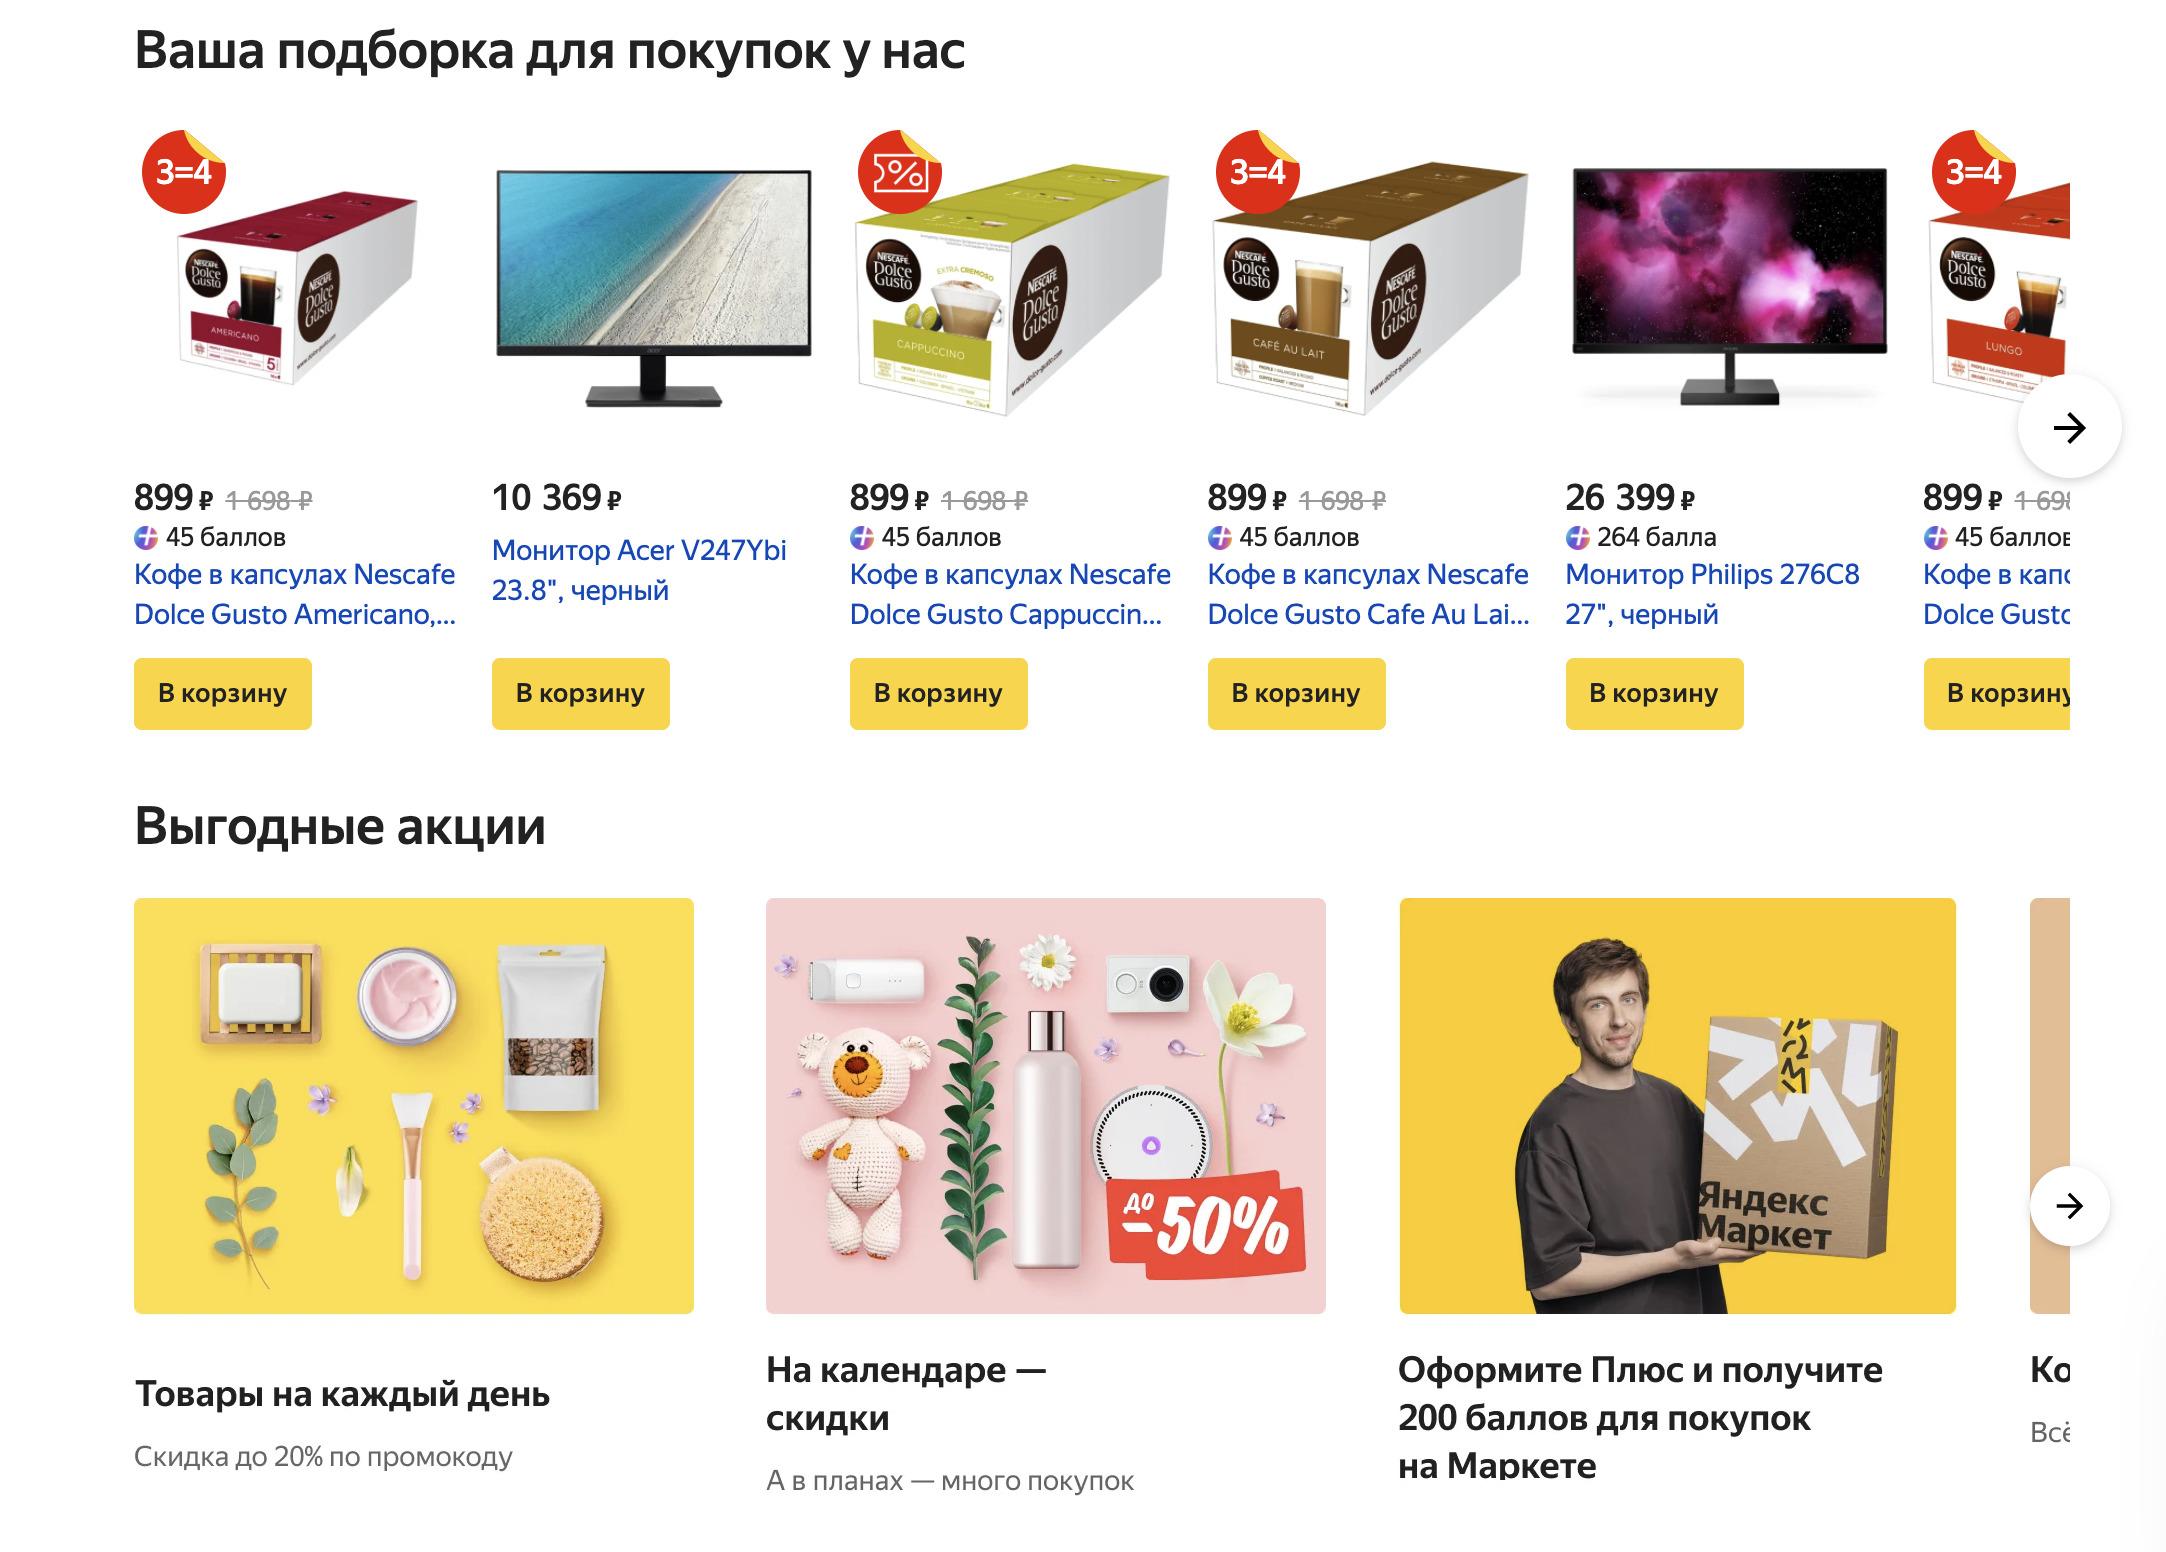 Доставка из Яндекс.Маркет в Магнитогорск, сроки, пункты выдачи, каталог